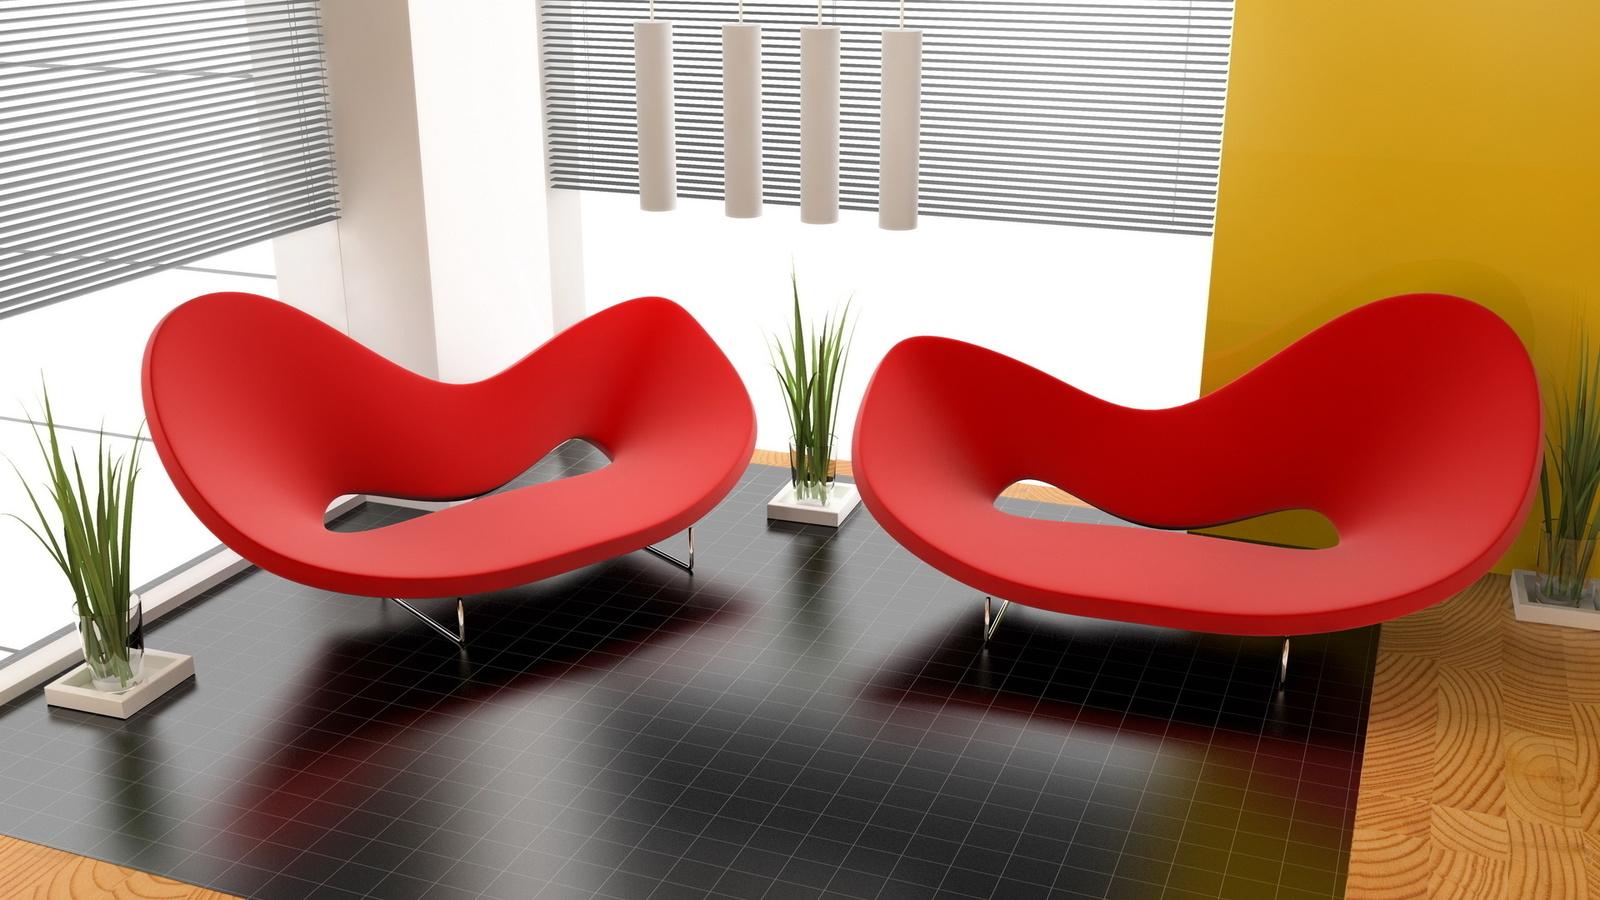 комната, Интерьер, дизайн, кресло, квартира, стиль